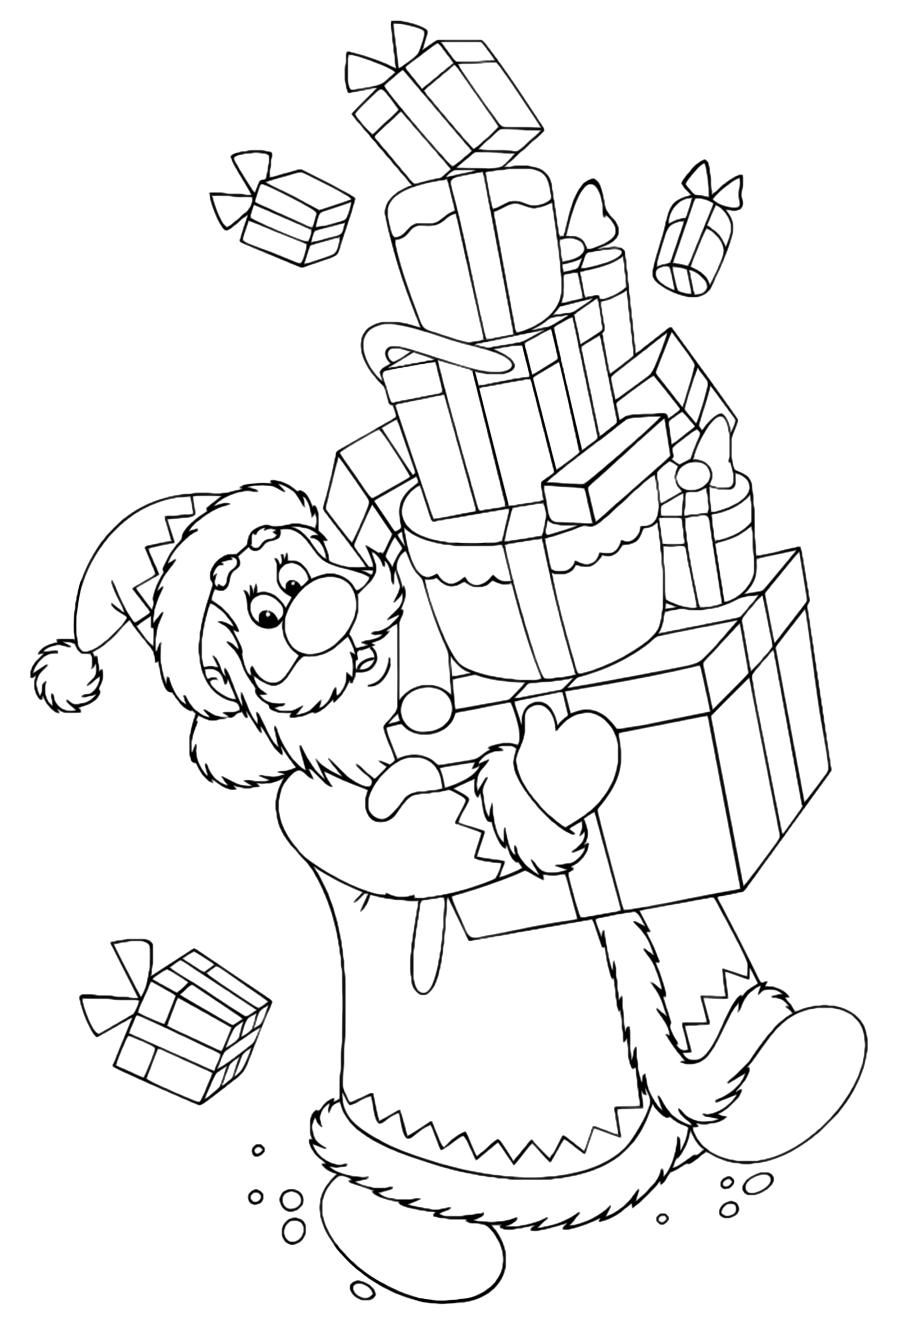 Дед Мороз с подарками - Новый год - Раскраски антистресс